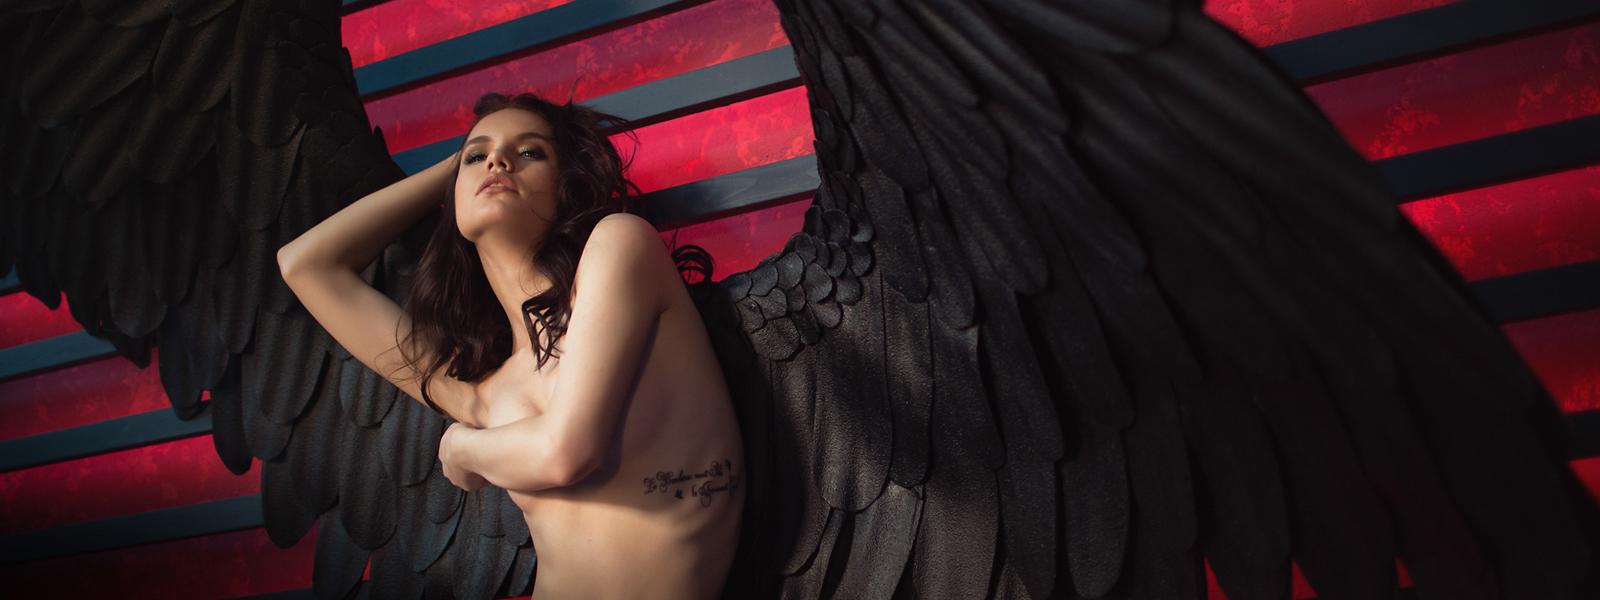 Фотосессия с крыльями